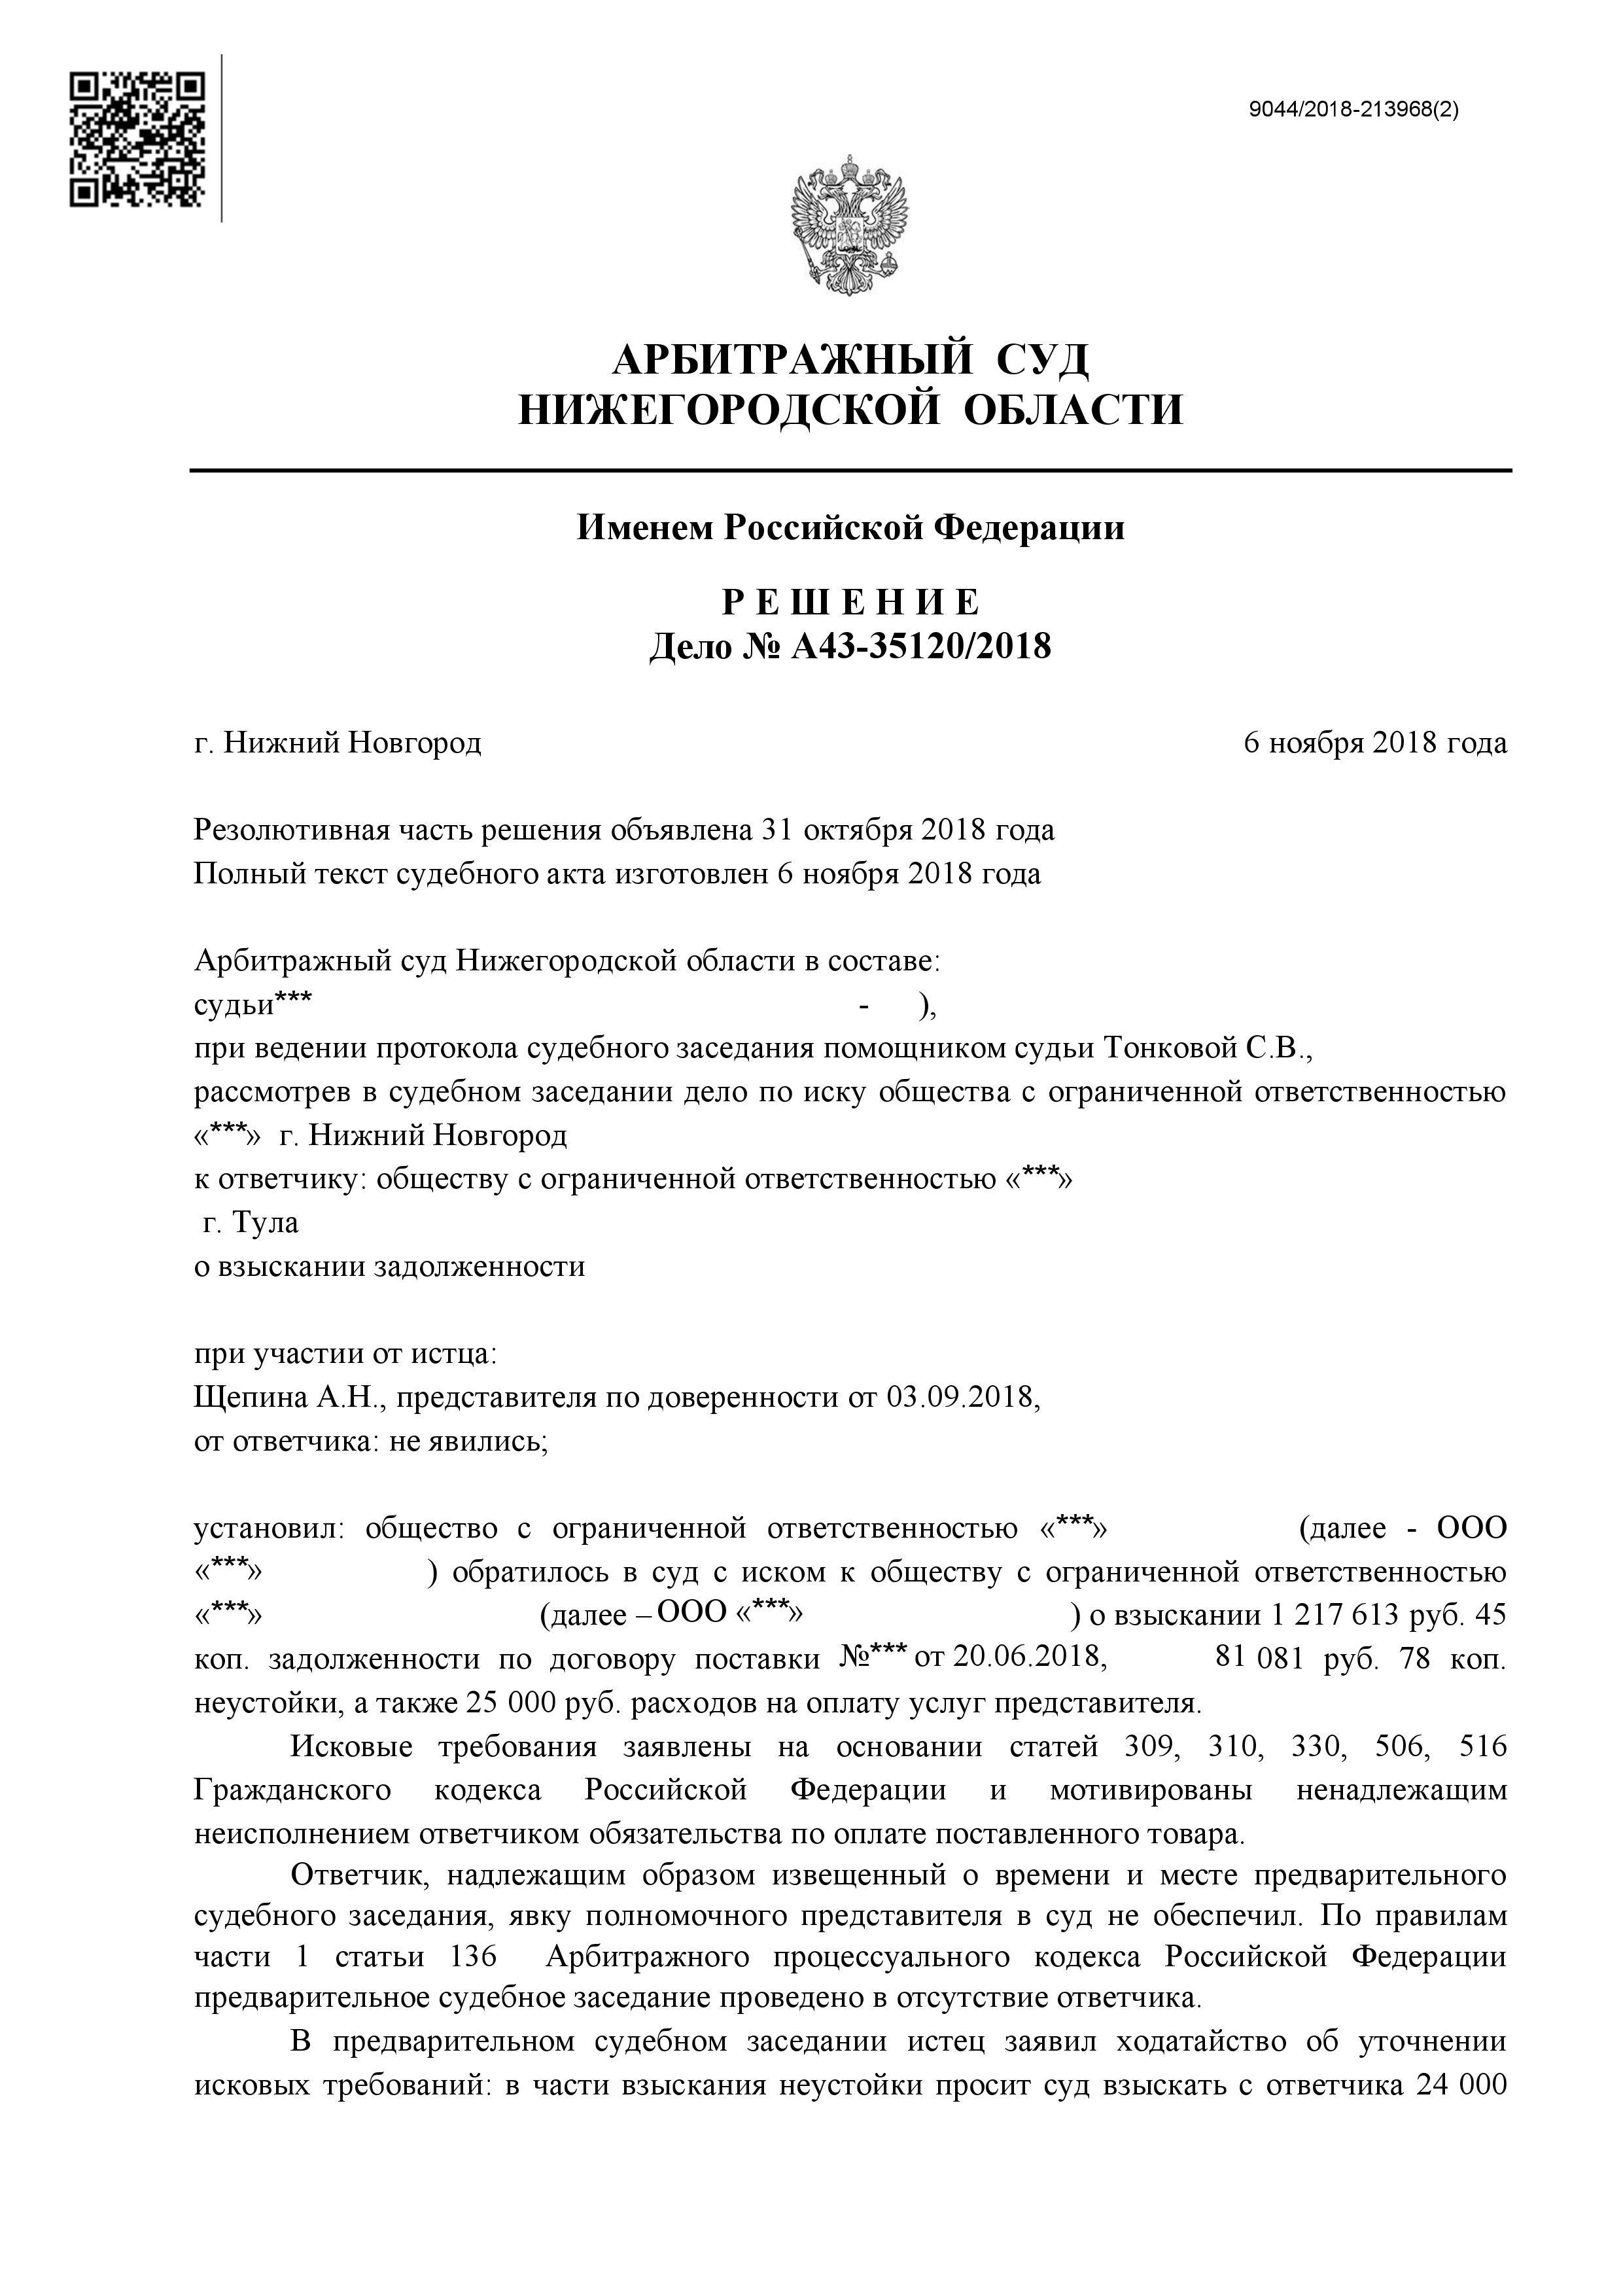 Взыскание задолженности по договору поставки 4